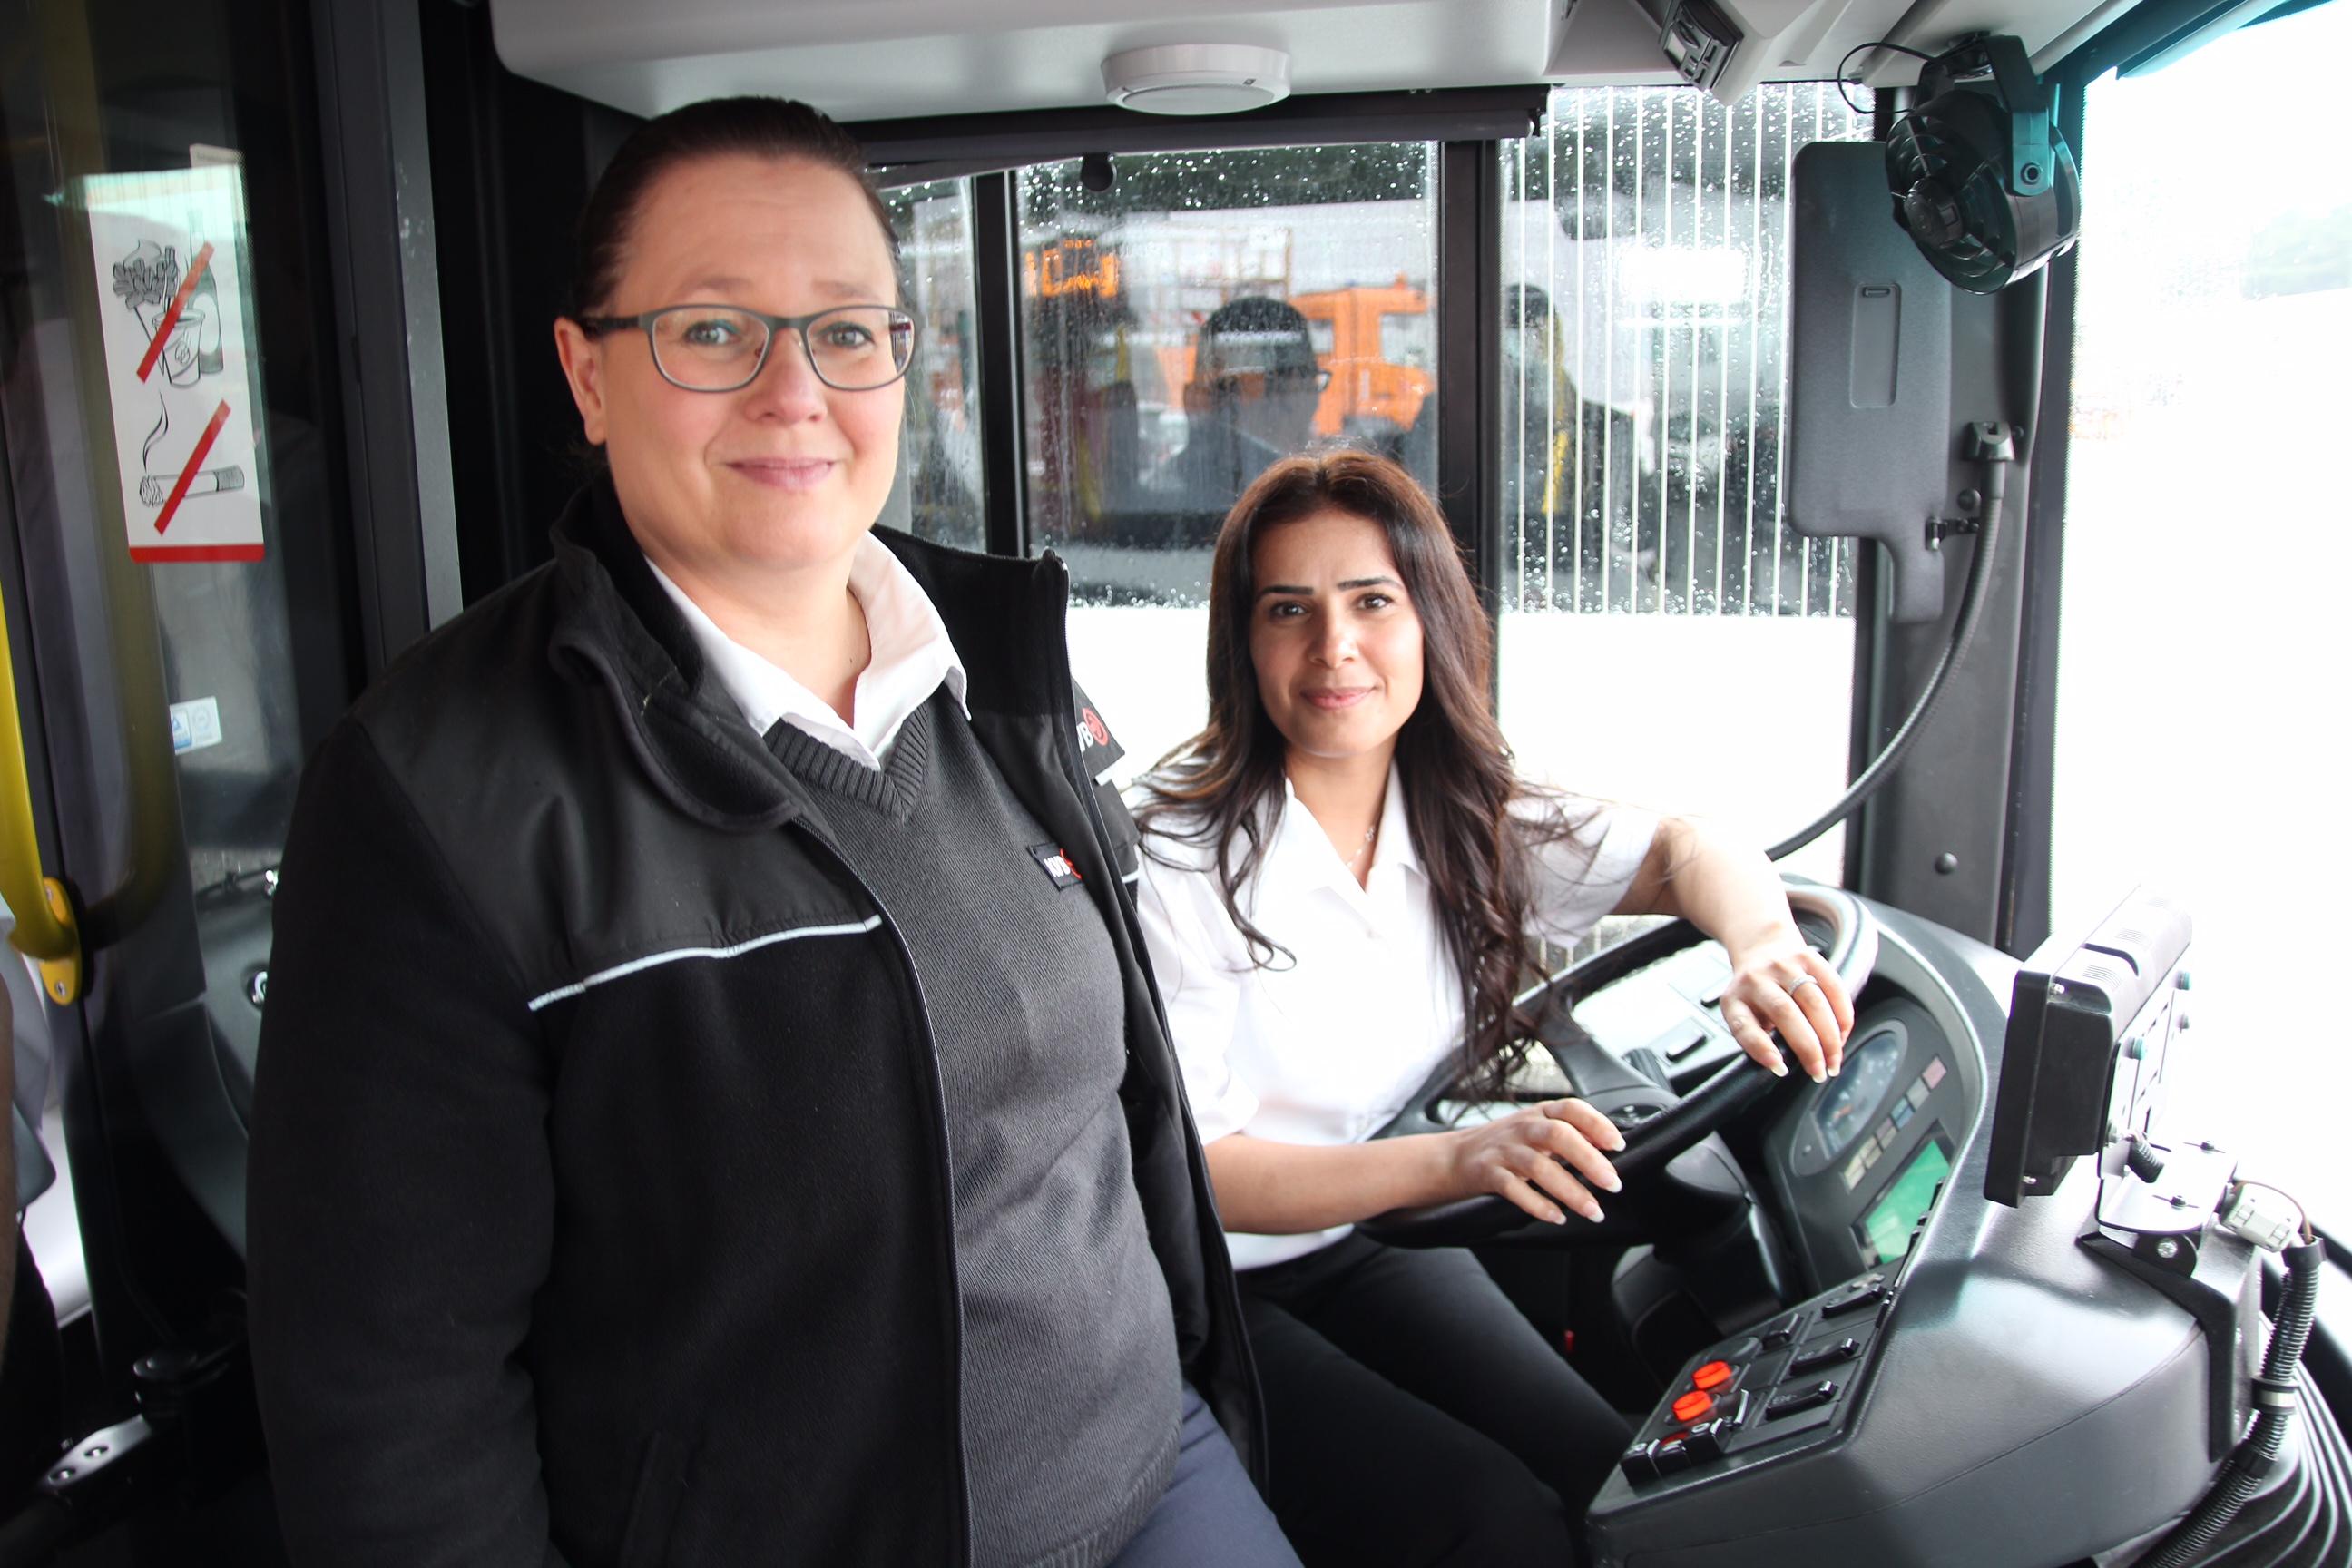 Kvb Busfahrer